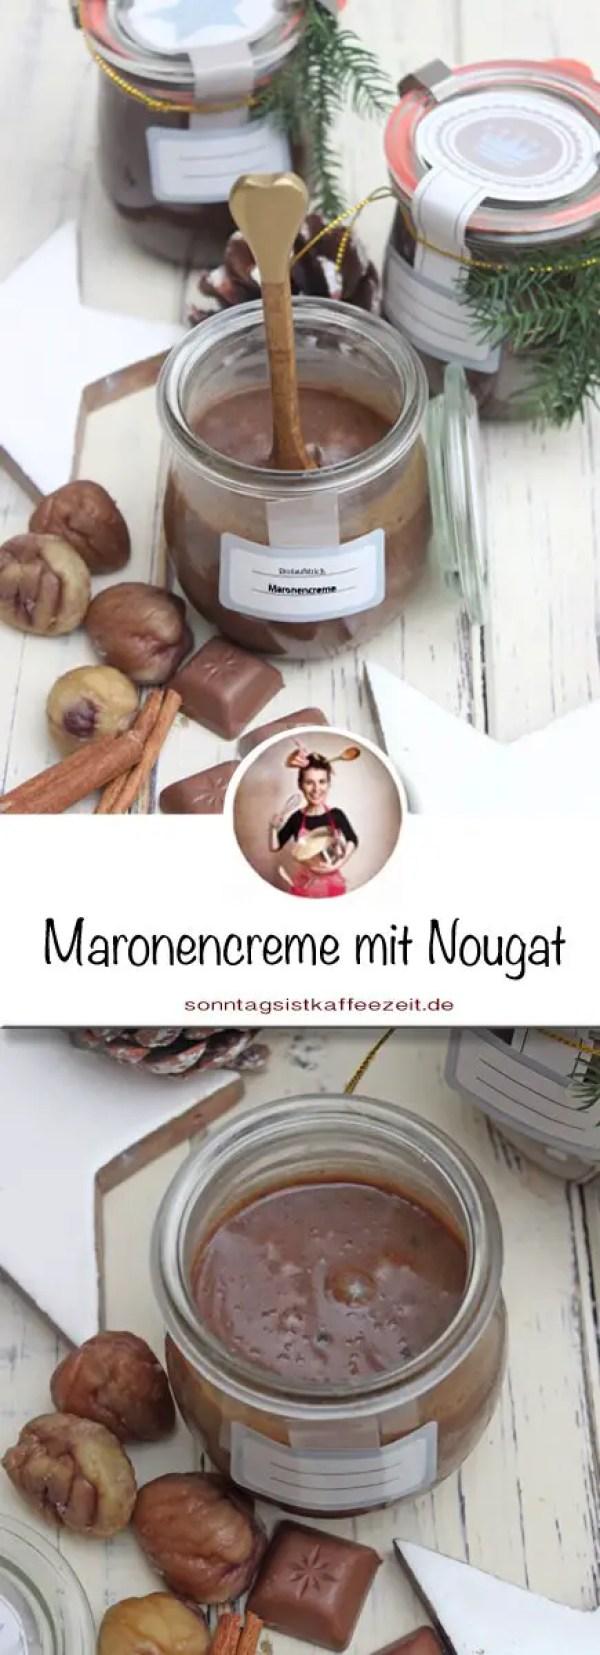 Maronencreme mit Nougat - Selbstgemachter Brotaufstrich